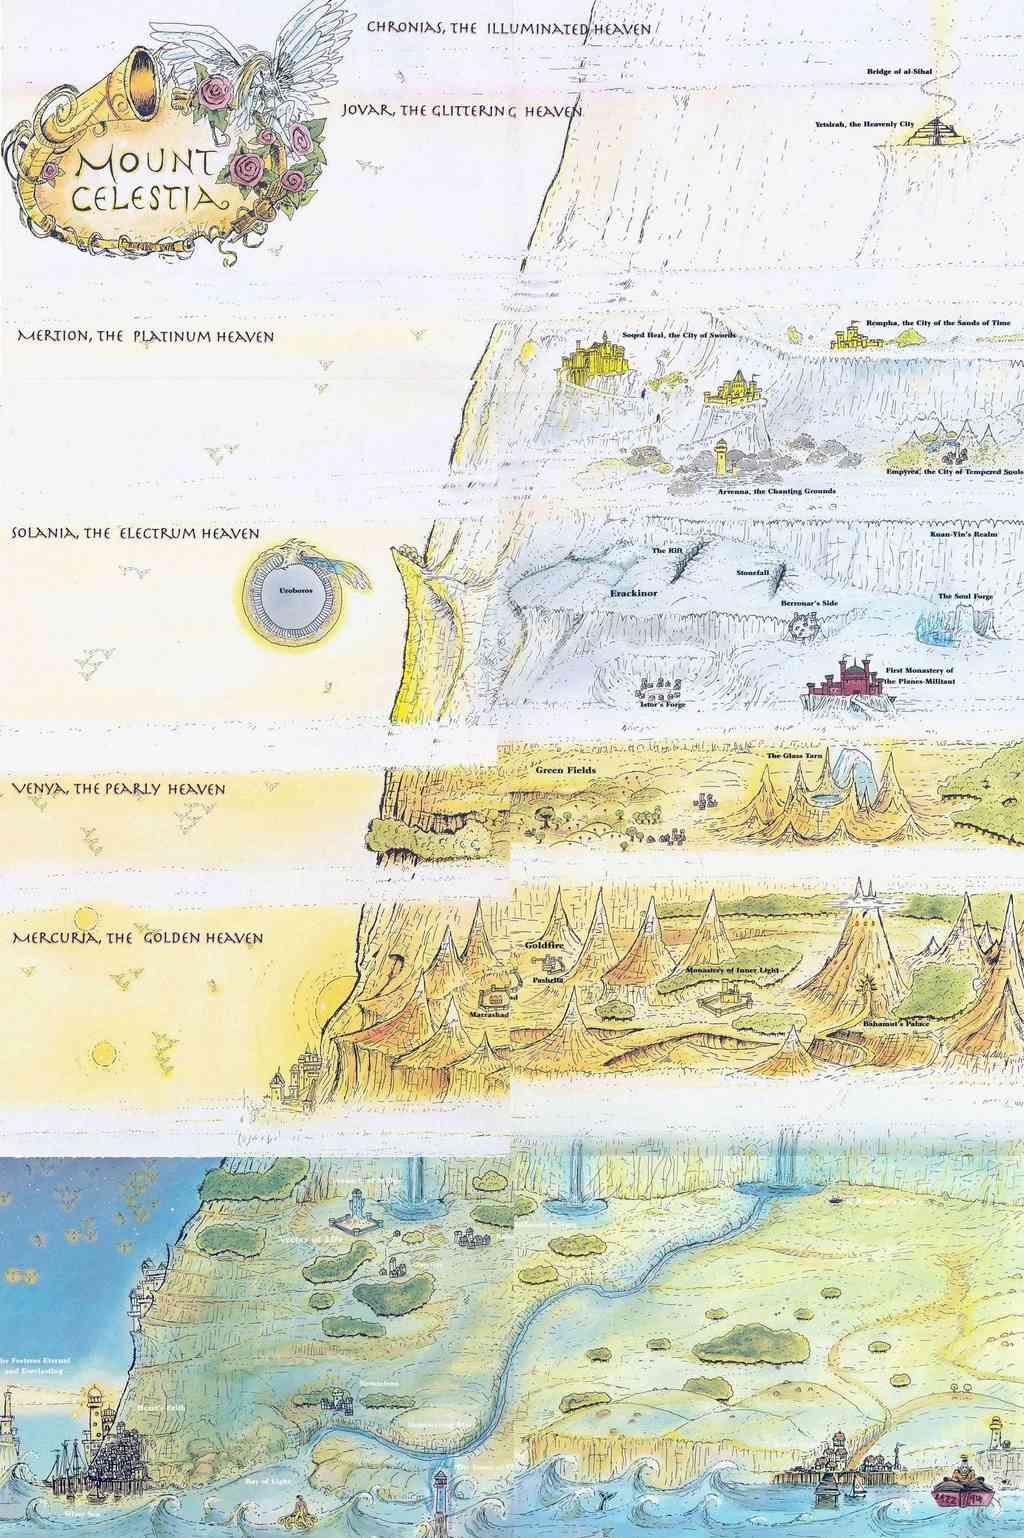 Carte des Monts Céleste